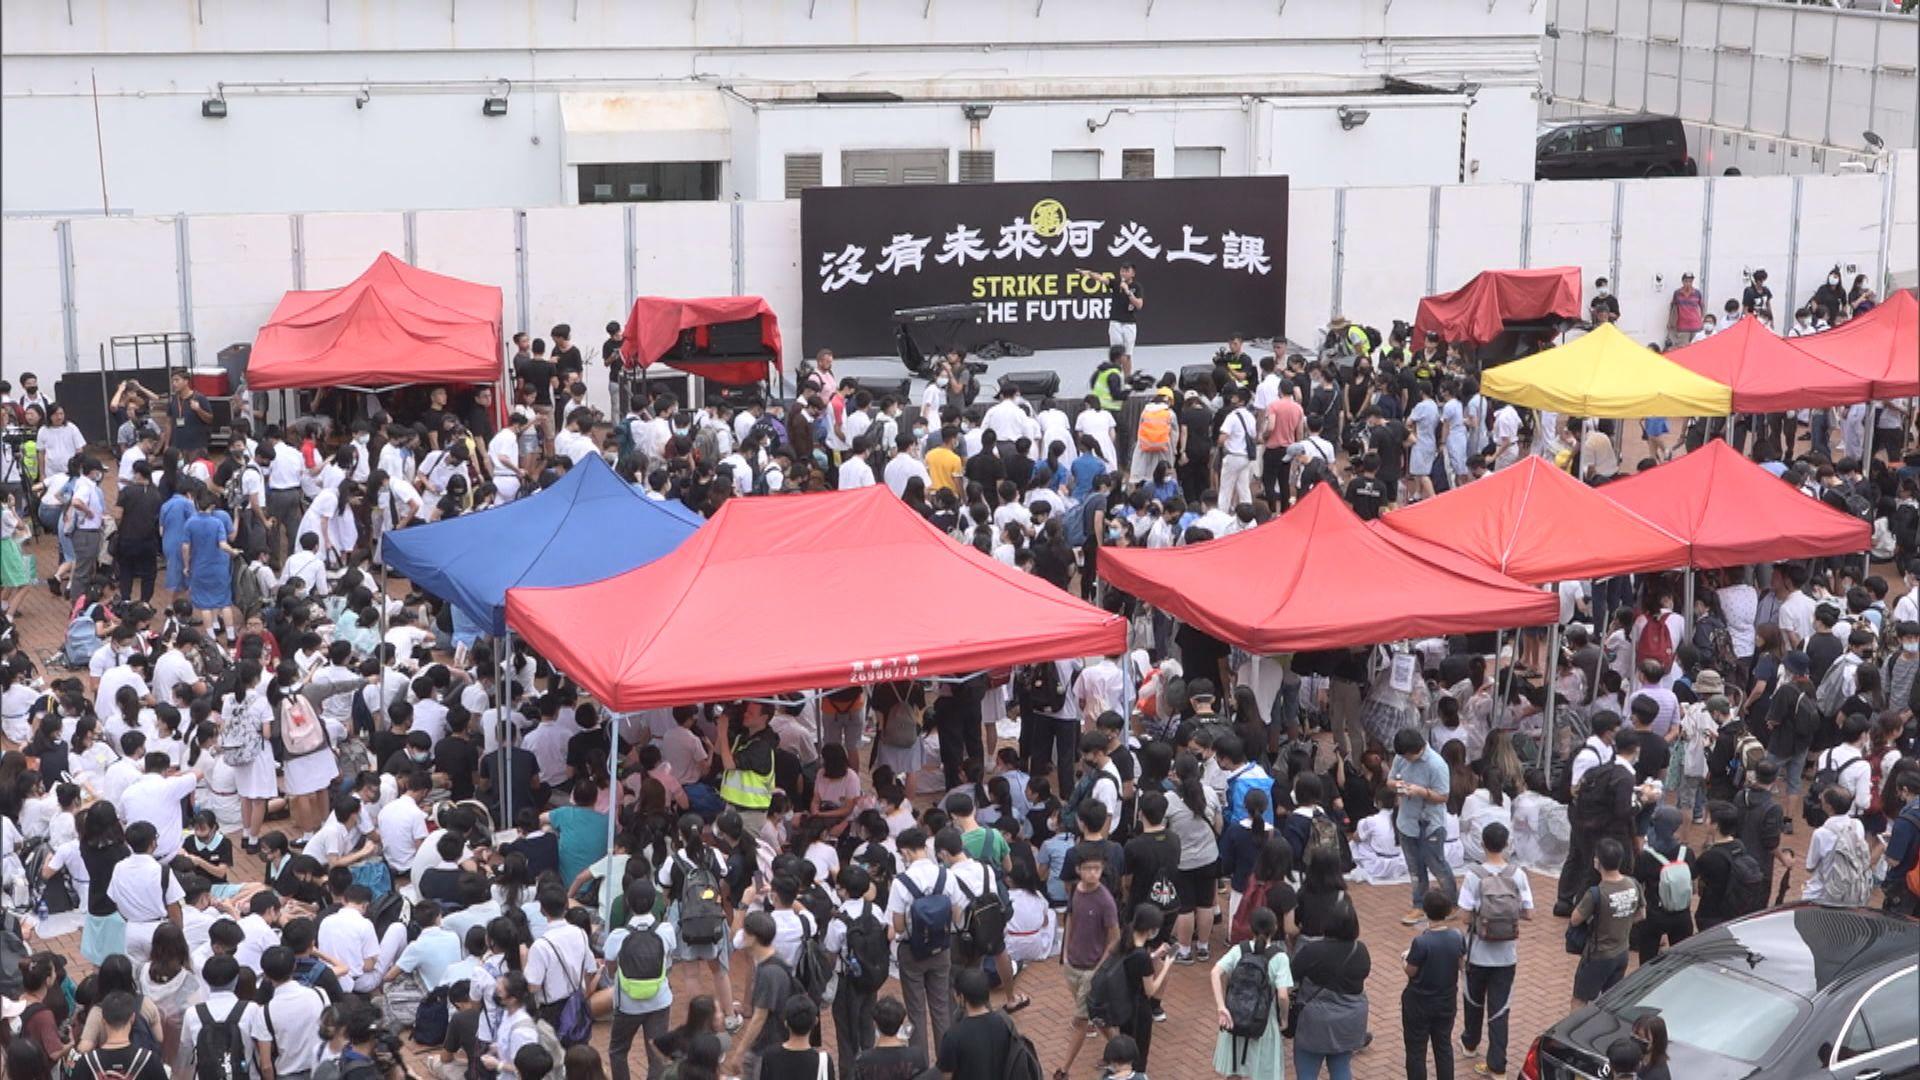 中學生罷課集會 有學生稱瞞着家長出席